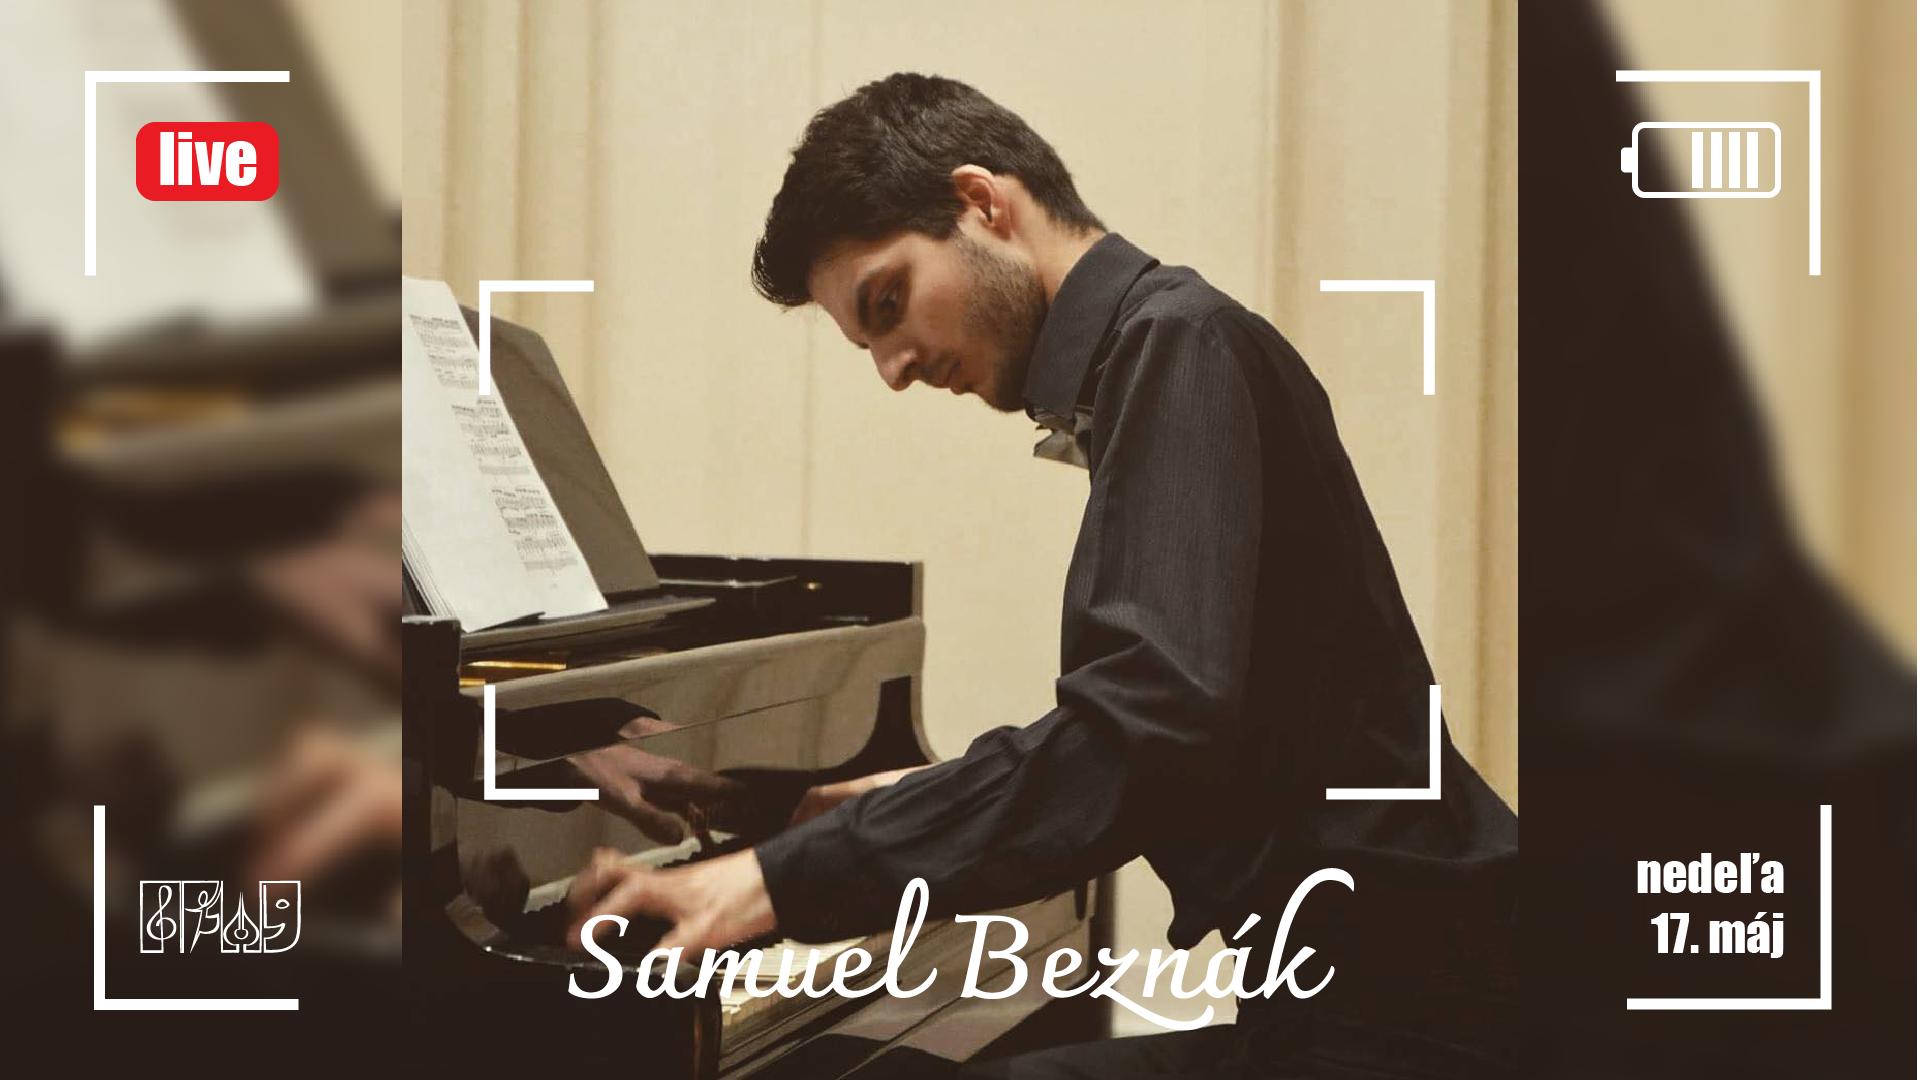 Online koncert Pod rúškom hudby. Hrá Sameul Beznák, absolvent hry na klavír